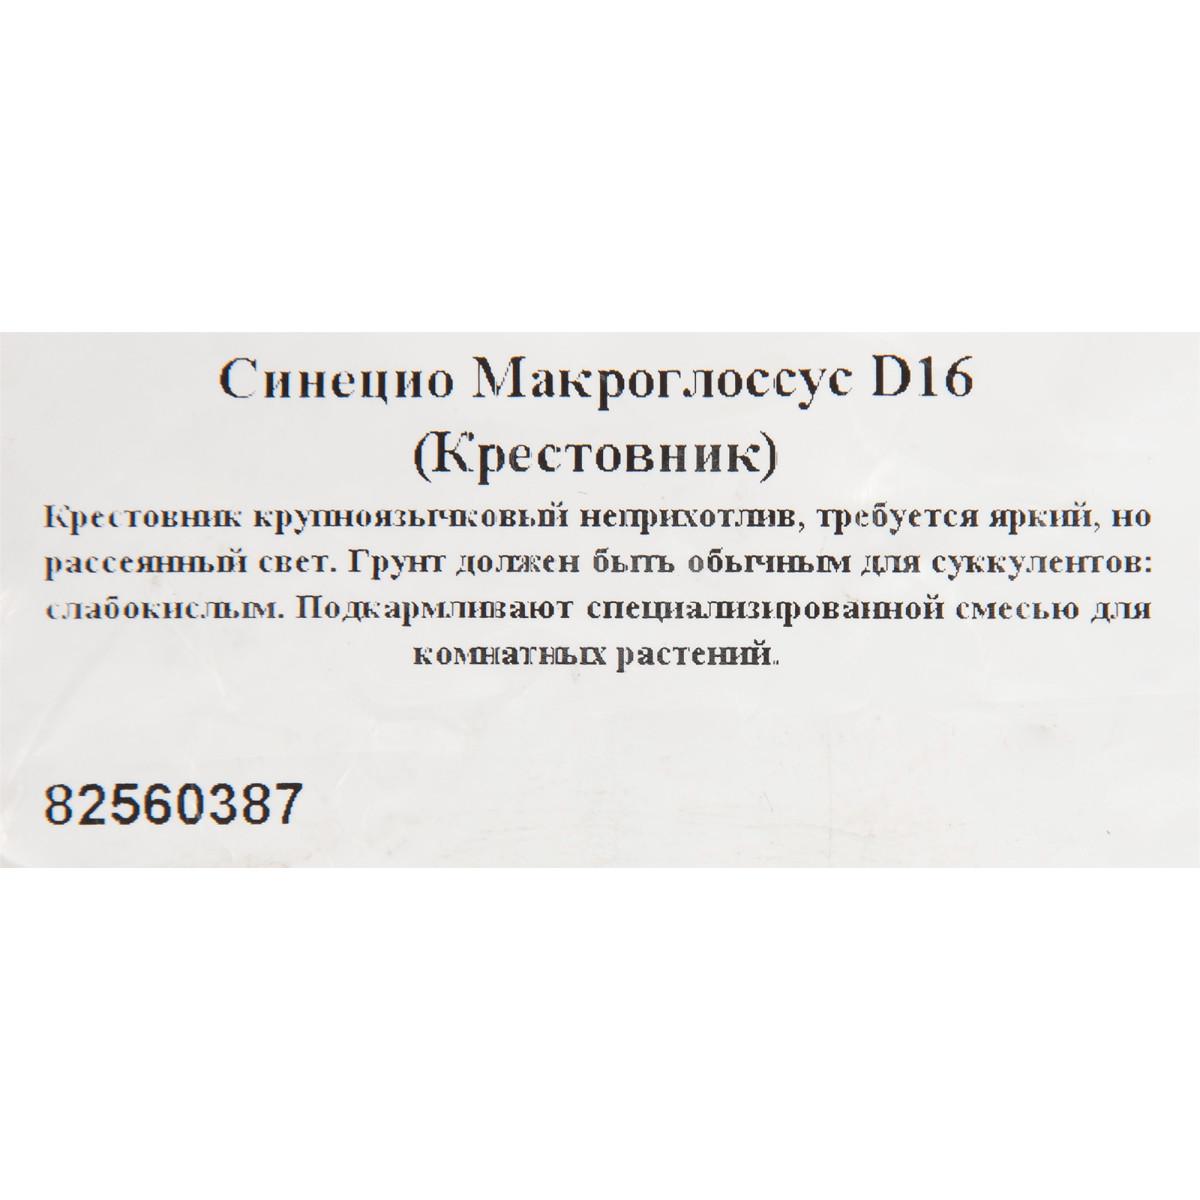 Крестовник Крупноязычковый D16 H25